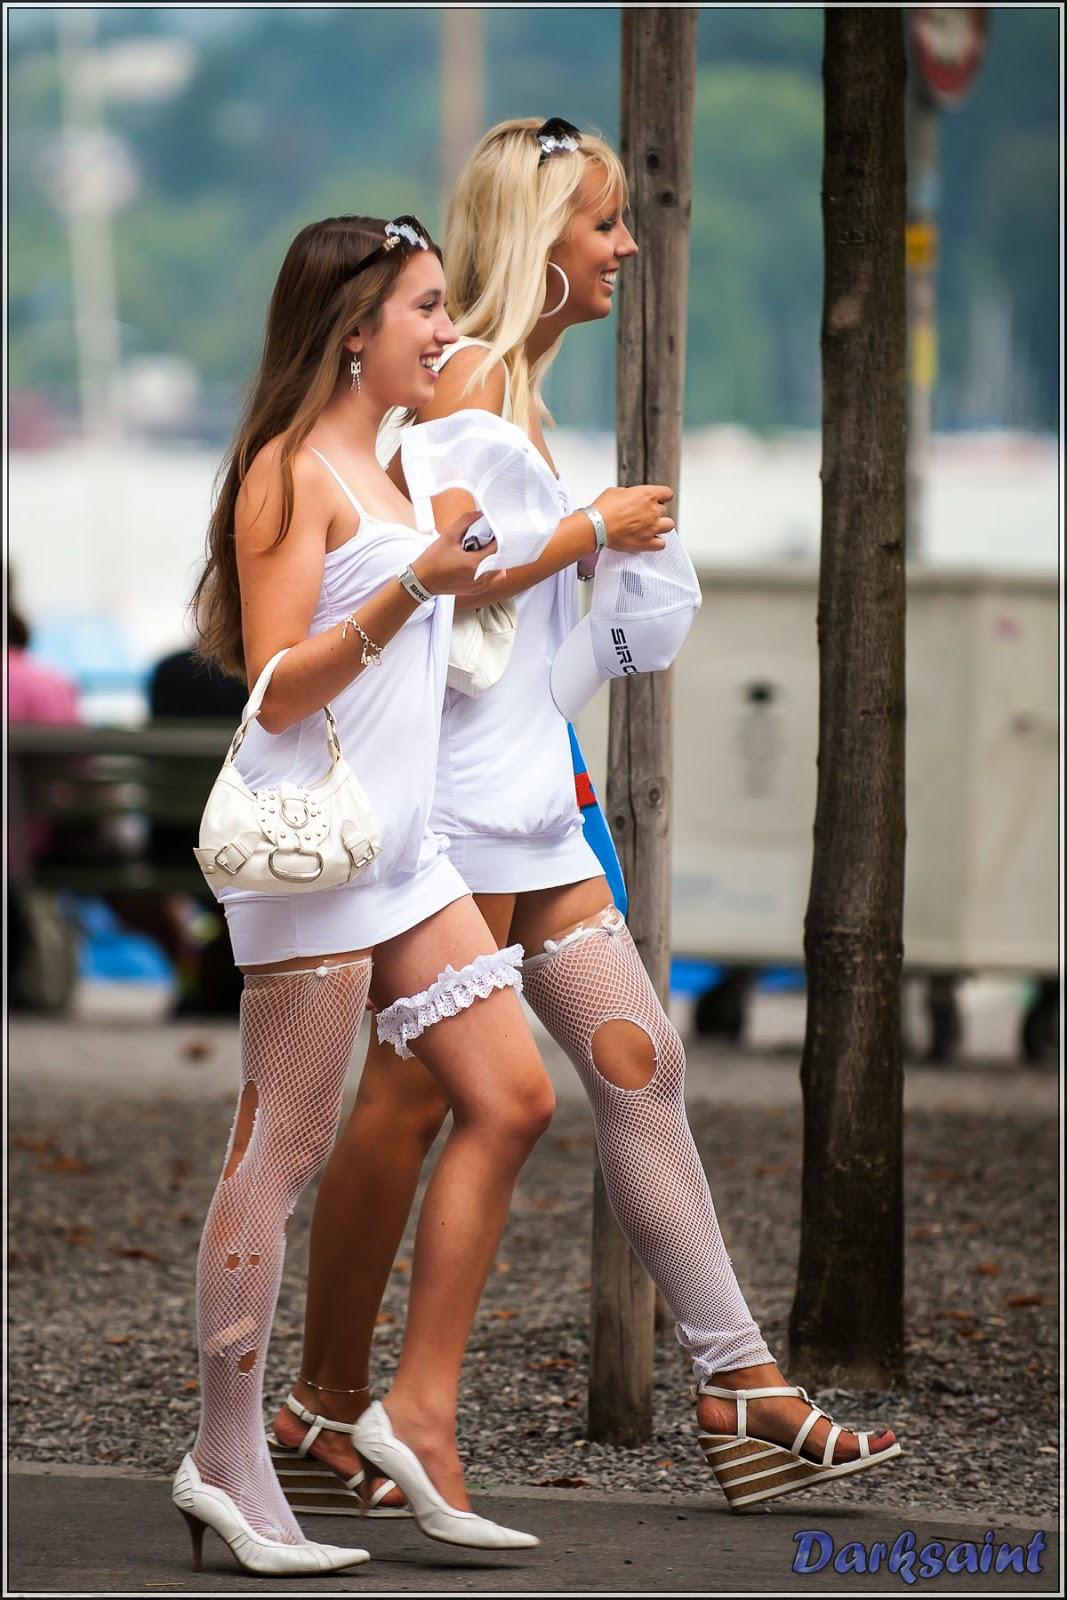 Belleza en calzas - 3 part 6